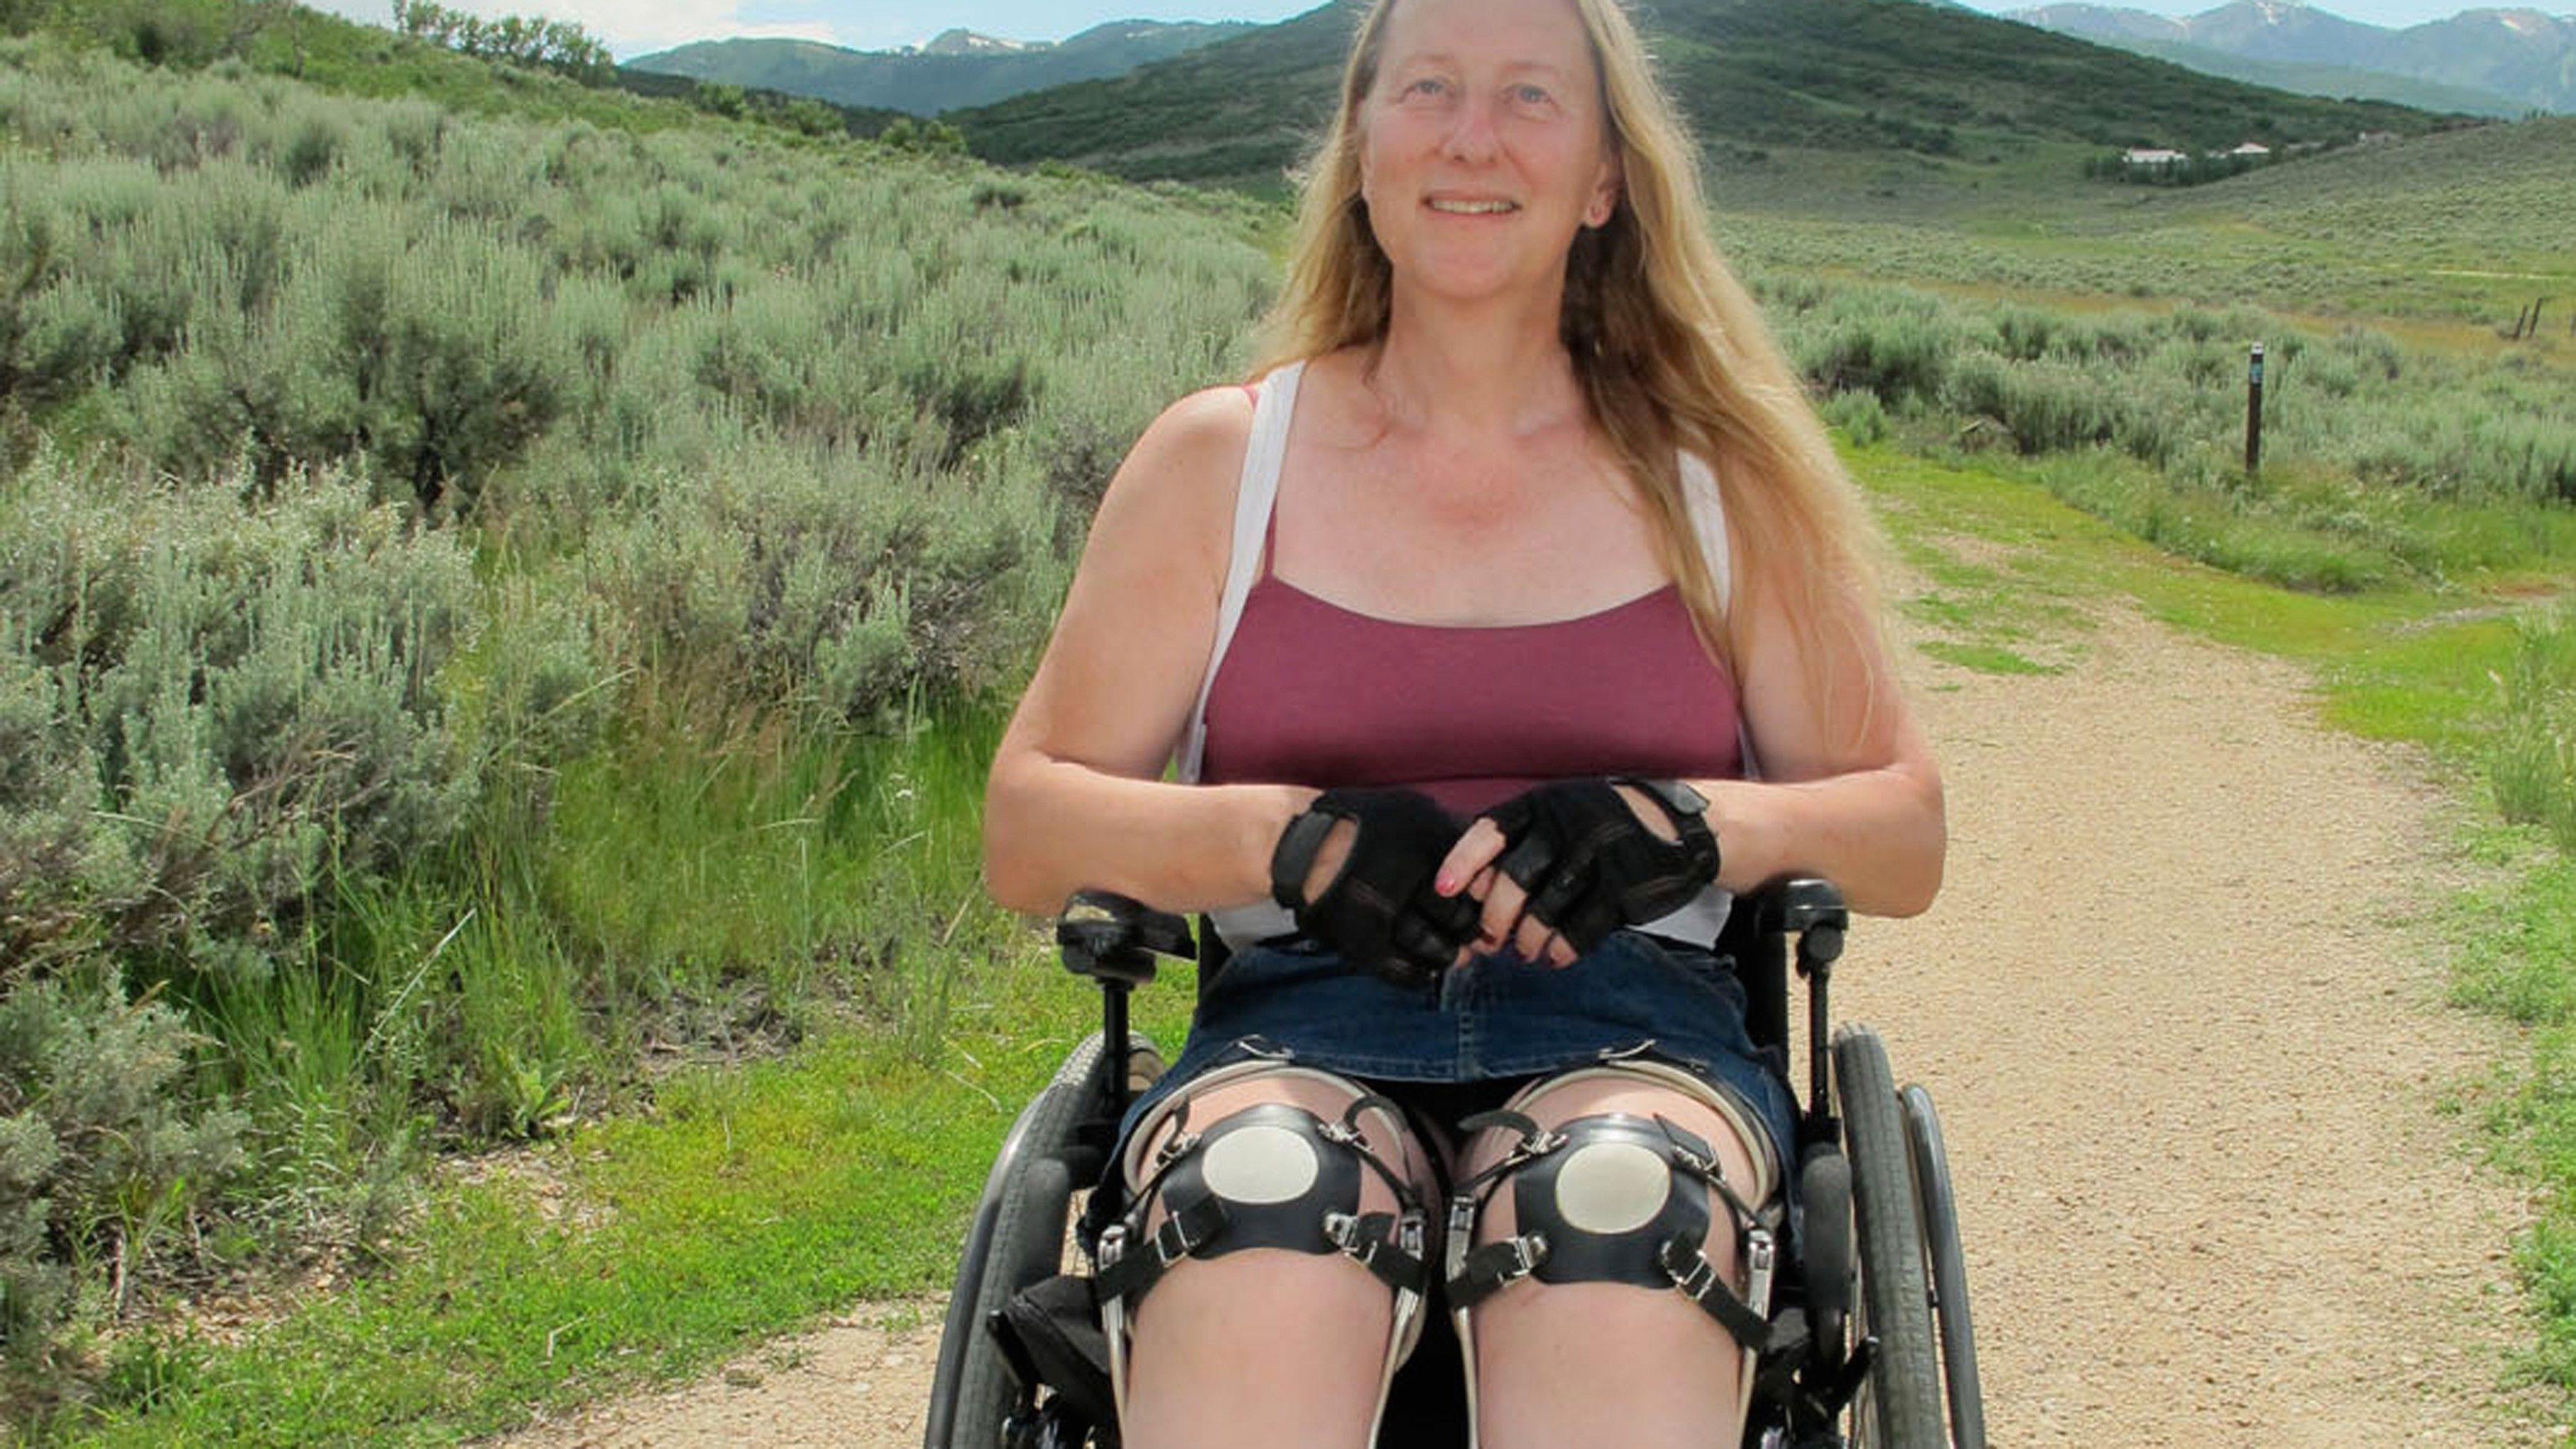 Секс в инвалидных колясках 22 фотография